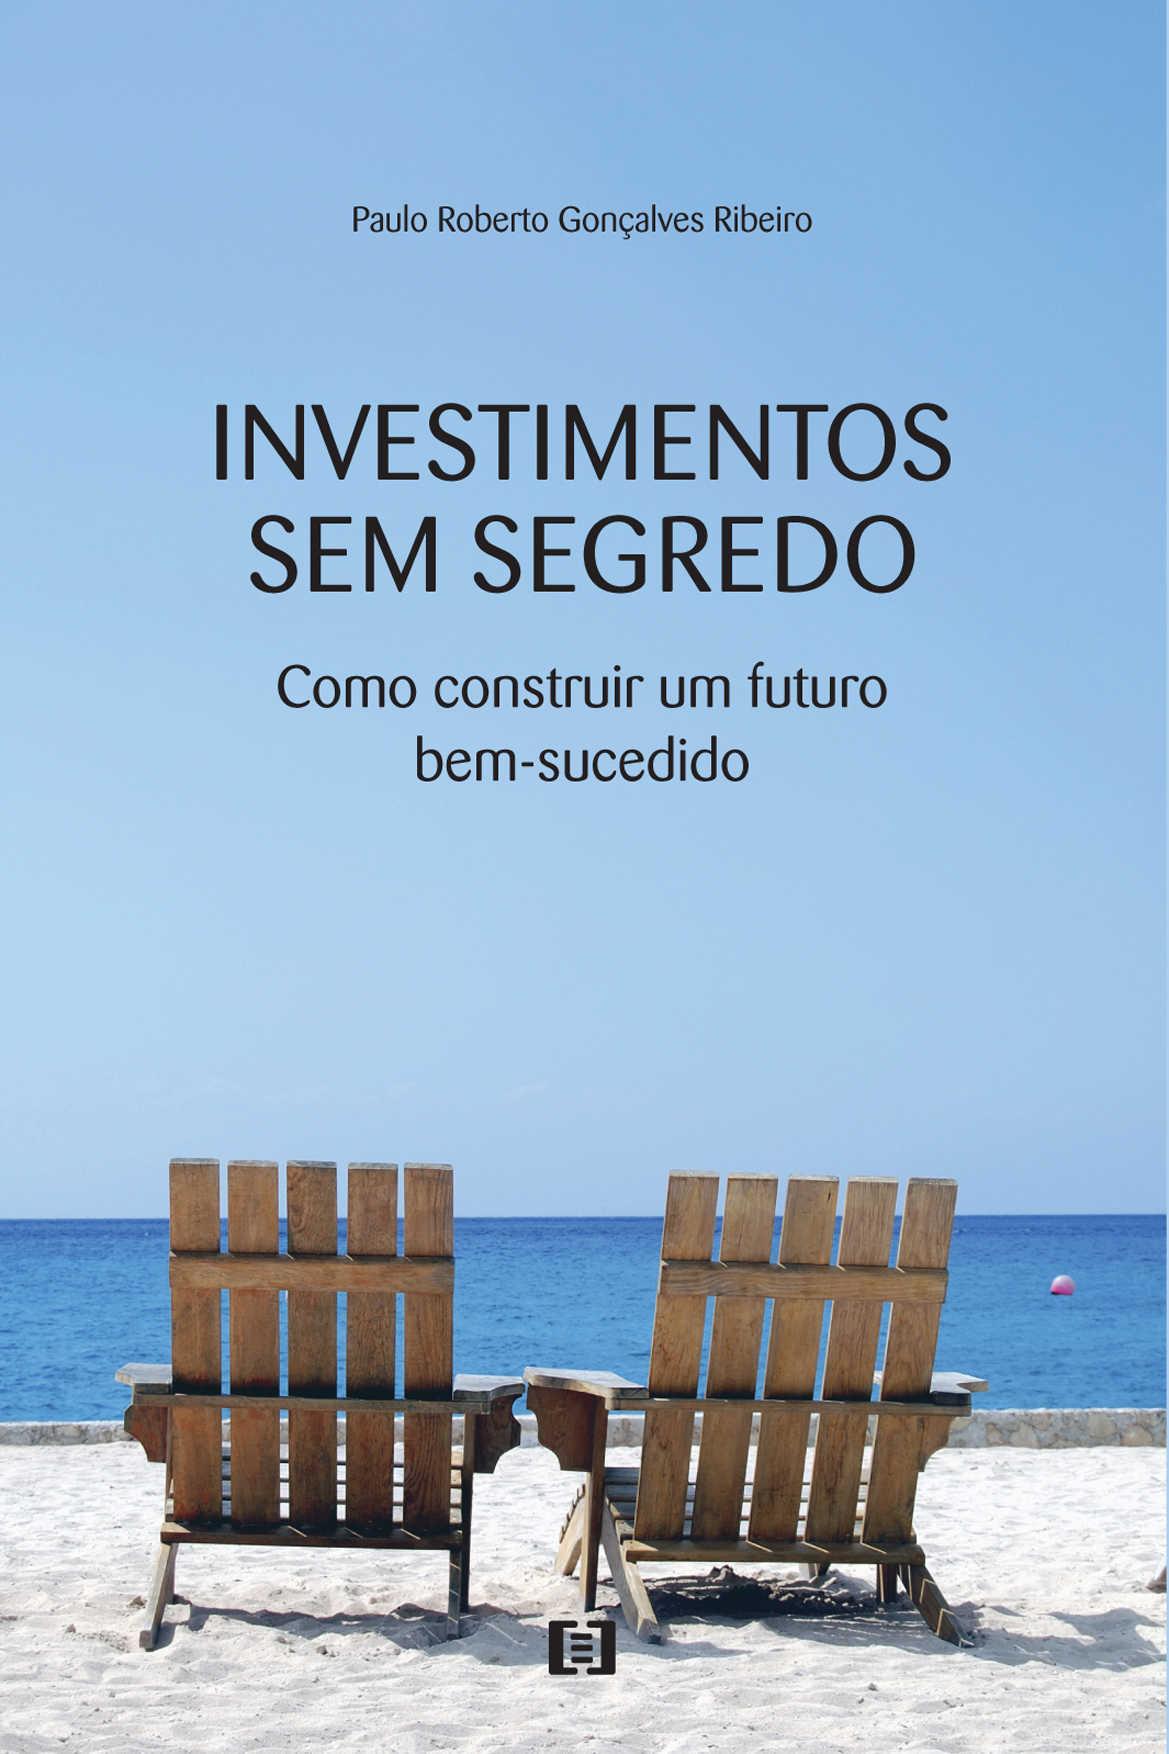 Investimentos sem segredo: Como construir um futuro bem-sucedido